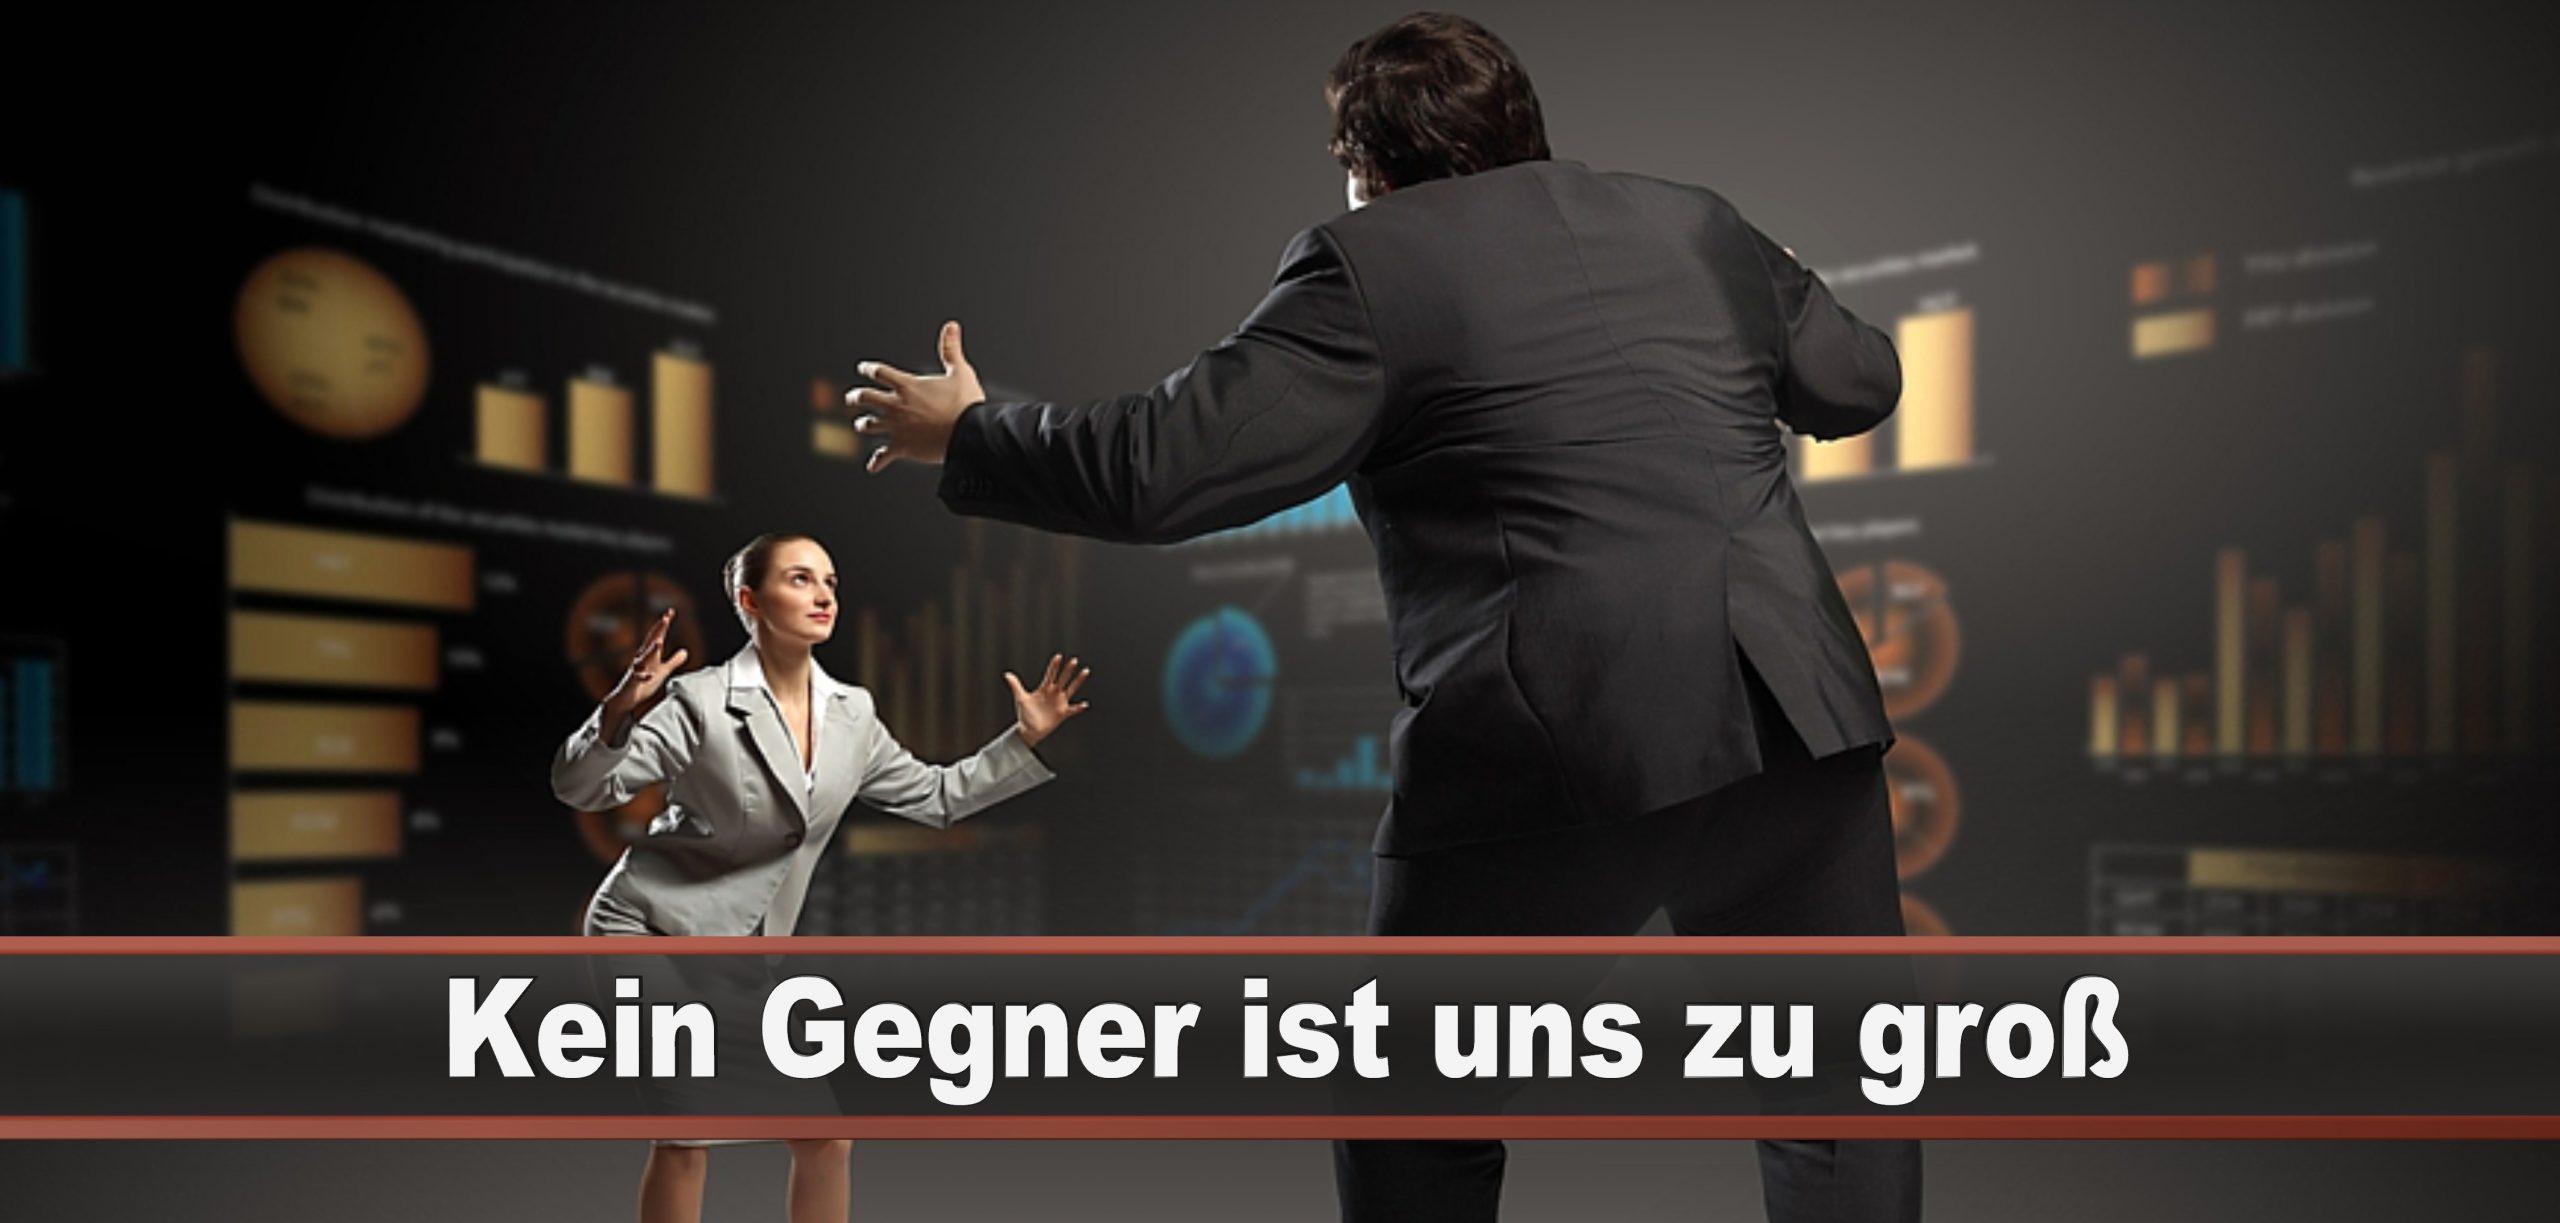 Bundestagswahl 2021 Wahlplakate CDU SPD FDP AFD Grüne Linke Stimmzettel Prognose Umfrage Kandidaten Parteien Datum (67)